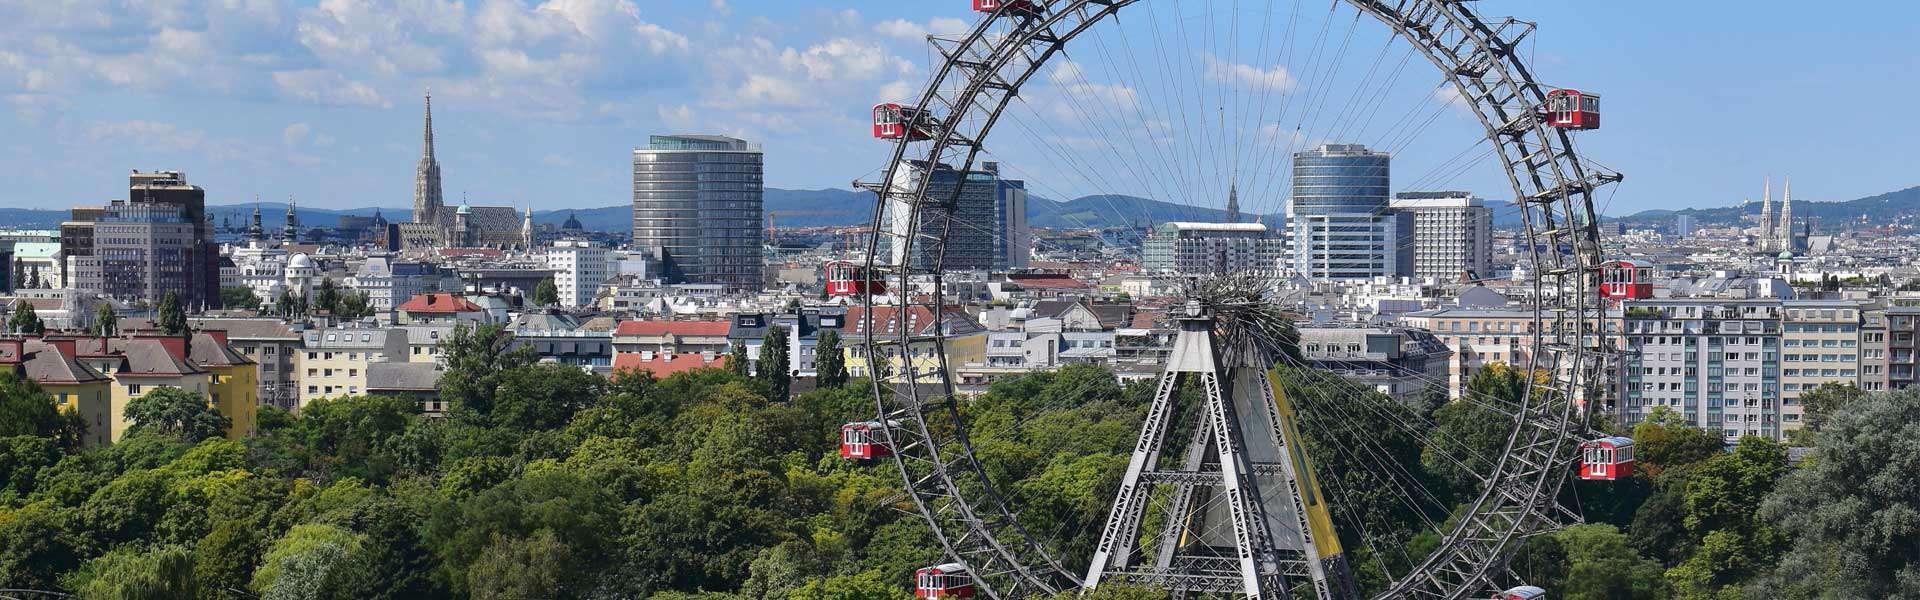 Der im 18. Jahrhundert eröffnete Vergnügungspark Wiener Prater verzeichnet jährlich 3 Millionen Besucher – werden Sie einer davon!